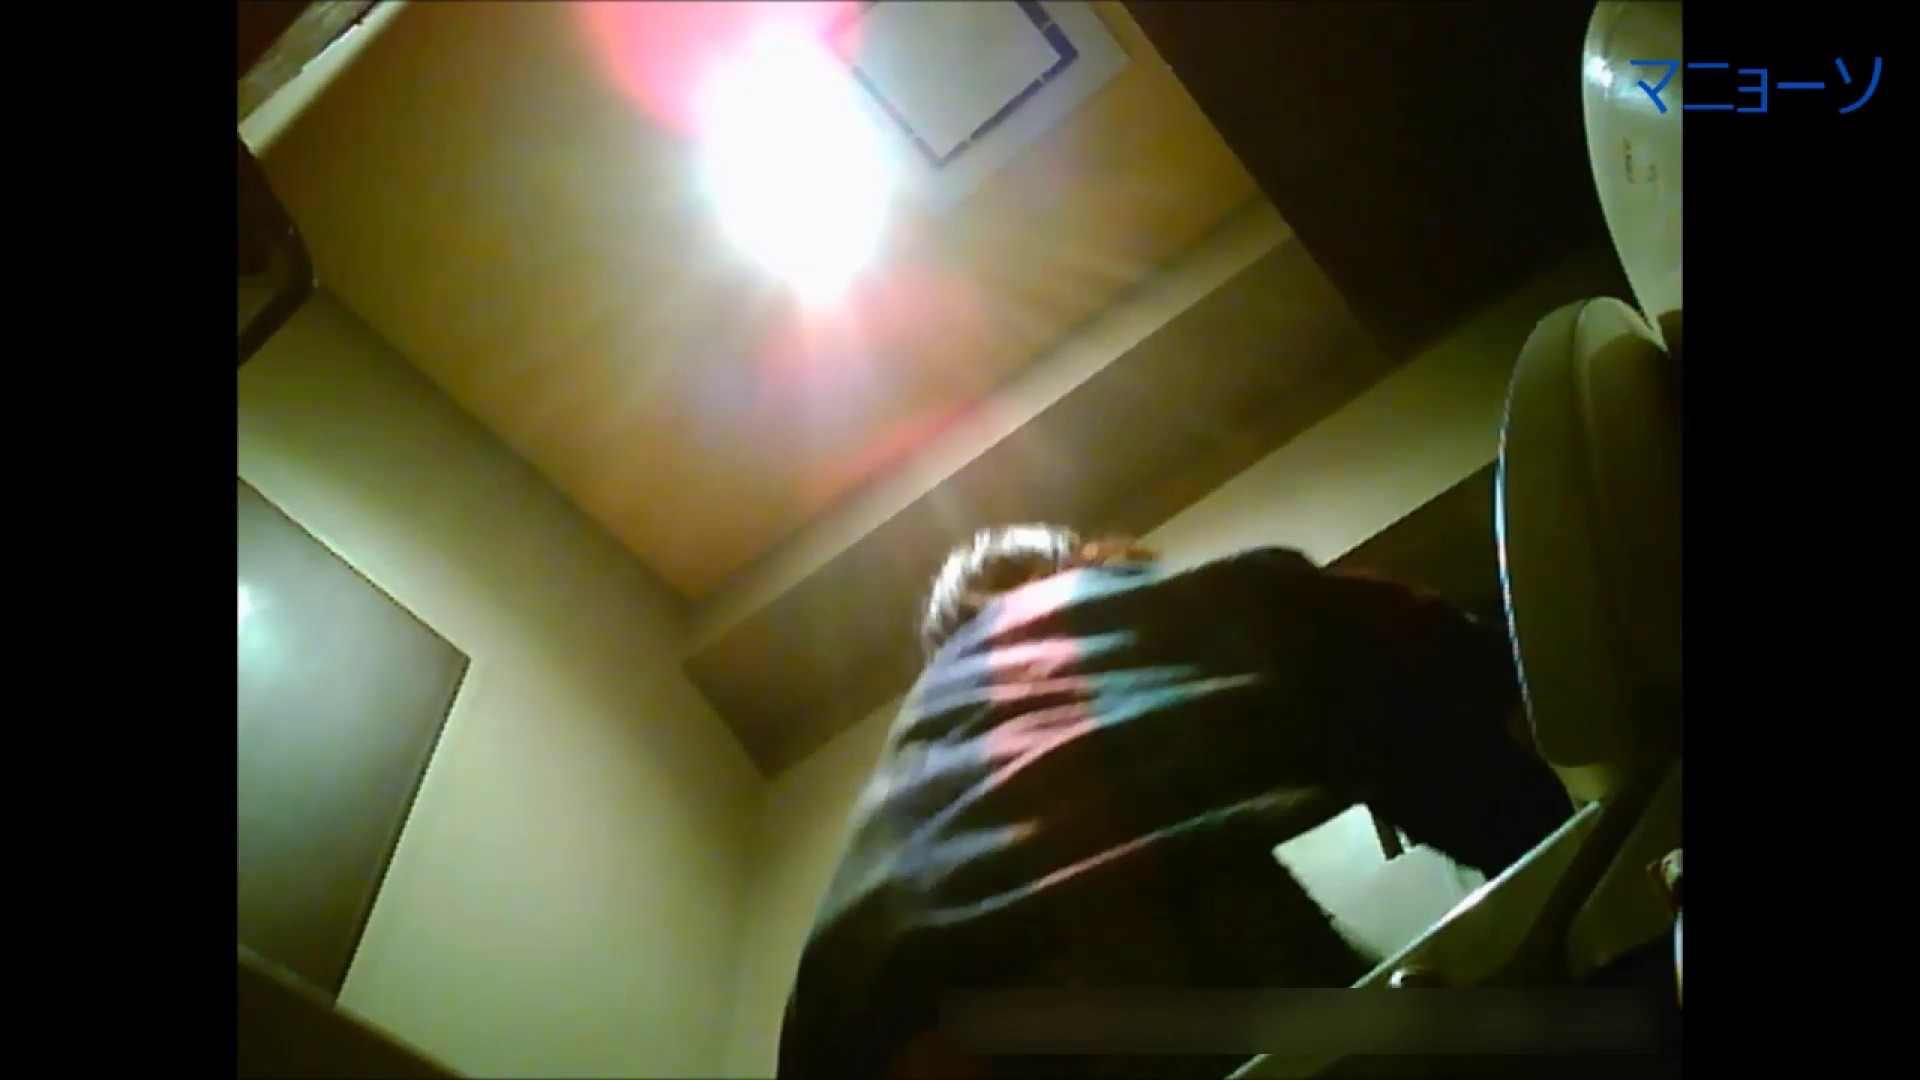 トイレでひと肌脱いでもらいました (JD編)Vol.01 OL  93pic 37